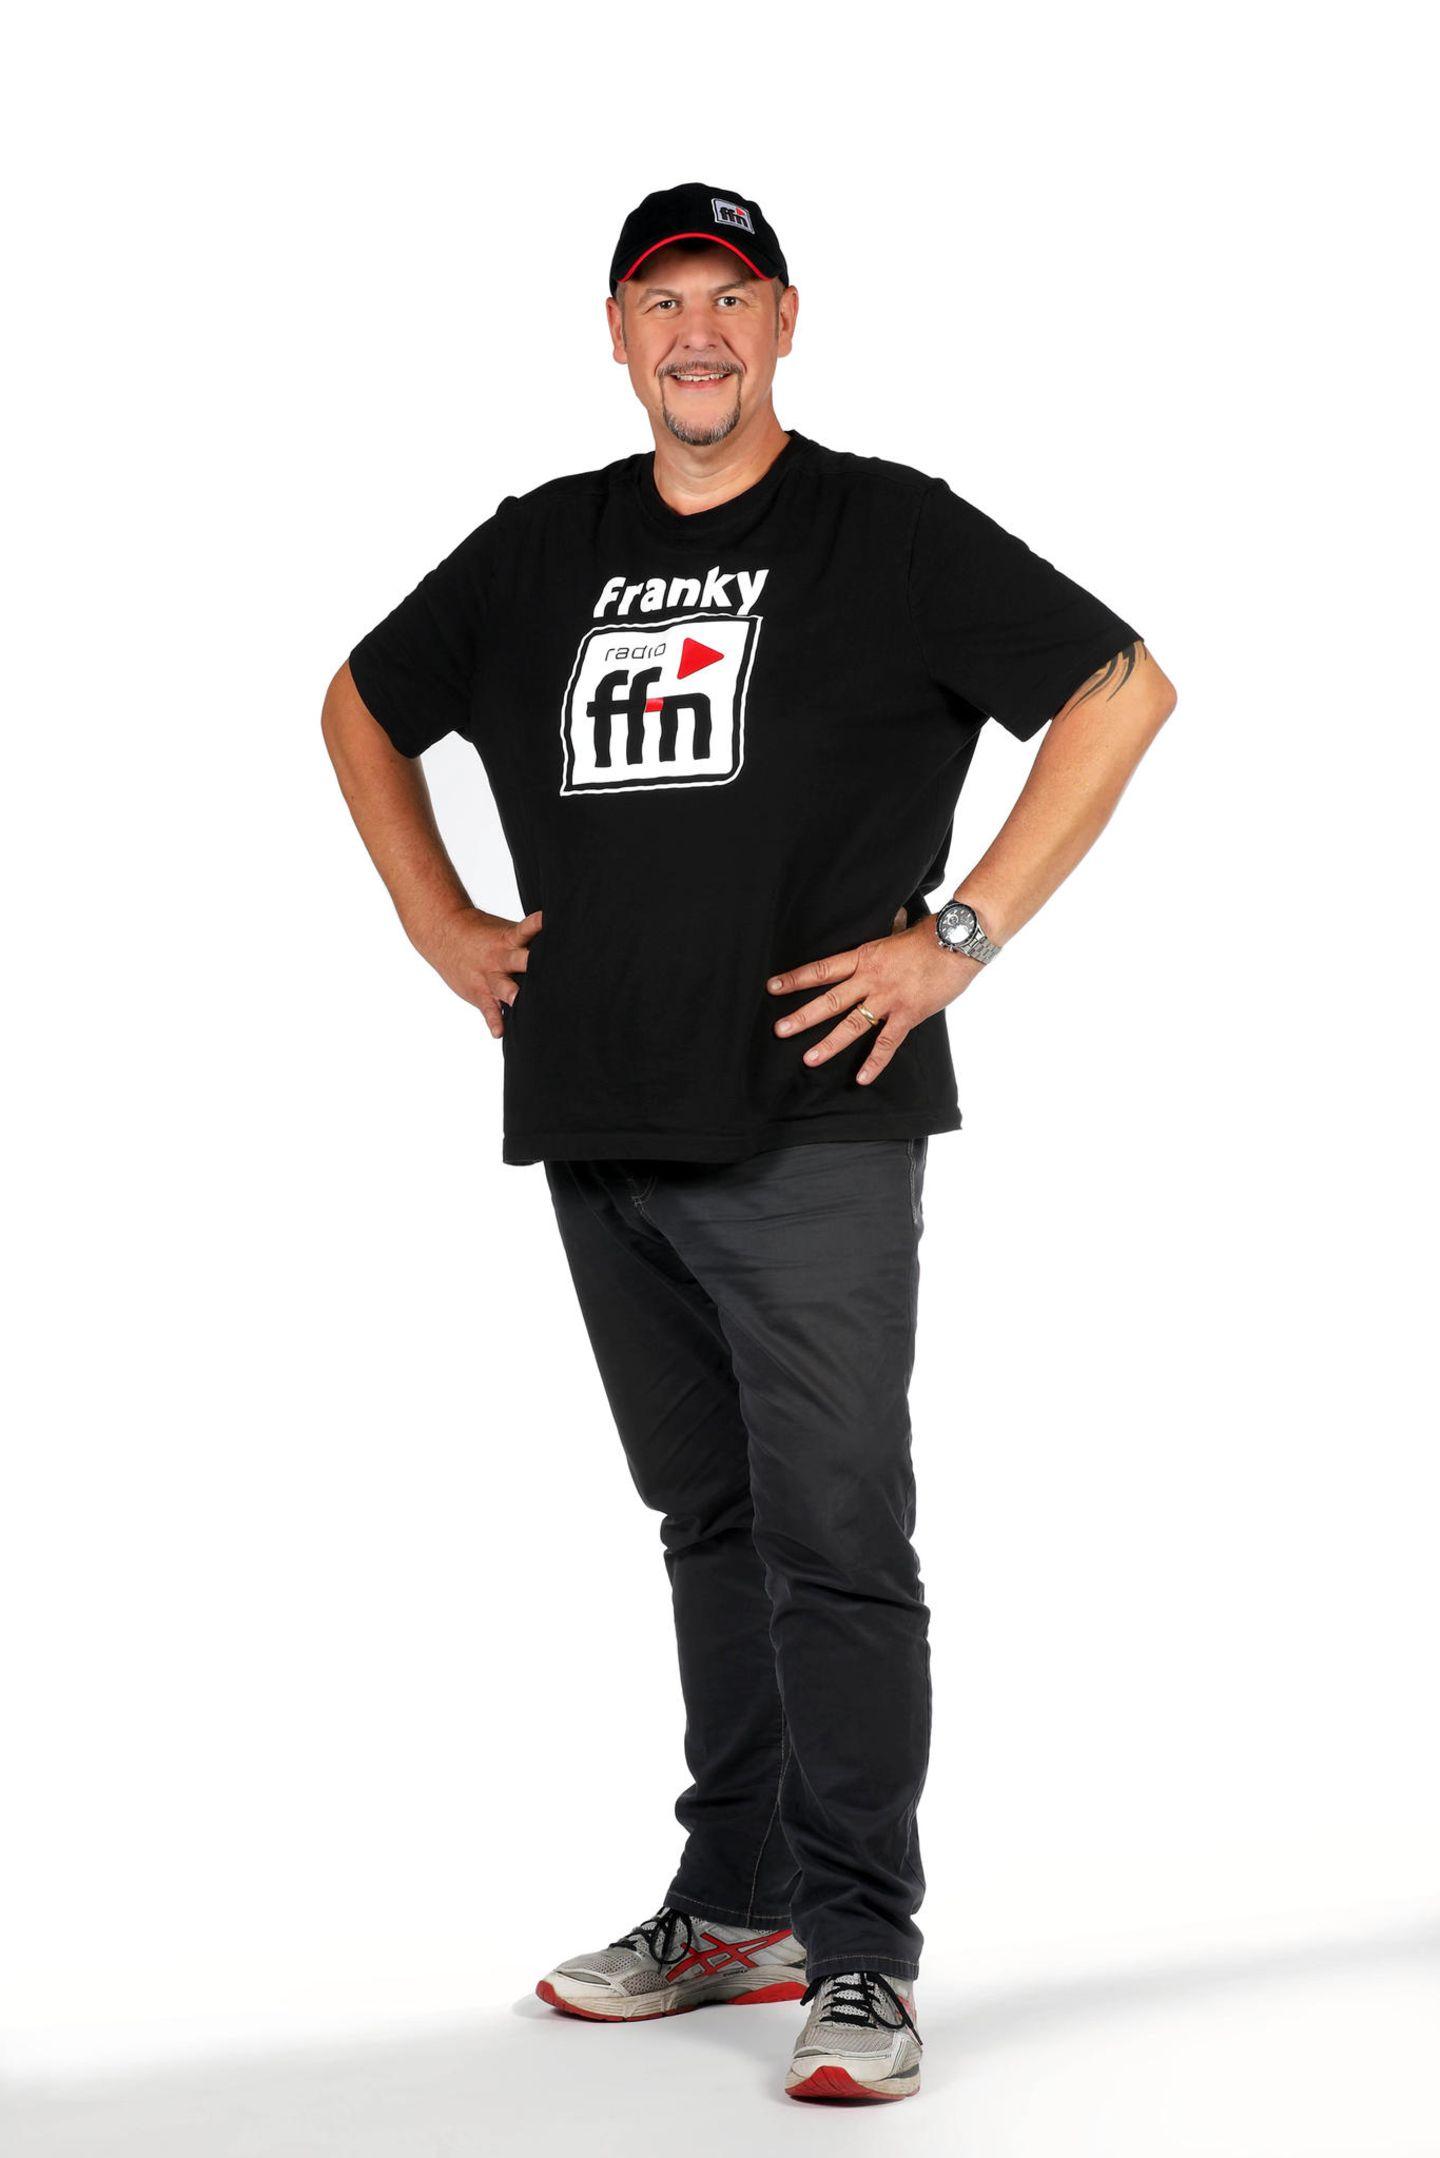 """Im Oktober 2017 wiegt Frank 'Franky' Schambor nur noch 111 Kilo, 67 Kilo hat er in einem Jahr verloren. Seine Reise teilt er mit seinen Zuhörern und viele """"Leidensgenossen/innen"""" haben sich ihm angeschlossen und machen ihm mit ihren Vorher-Nachher-Bildern Mut. Weiter so!"""